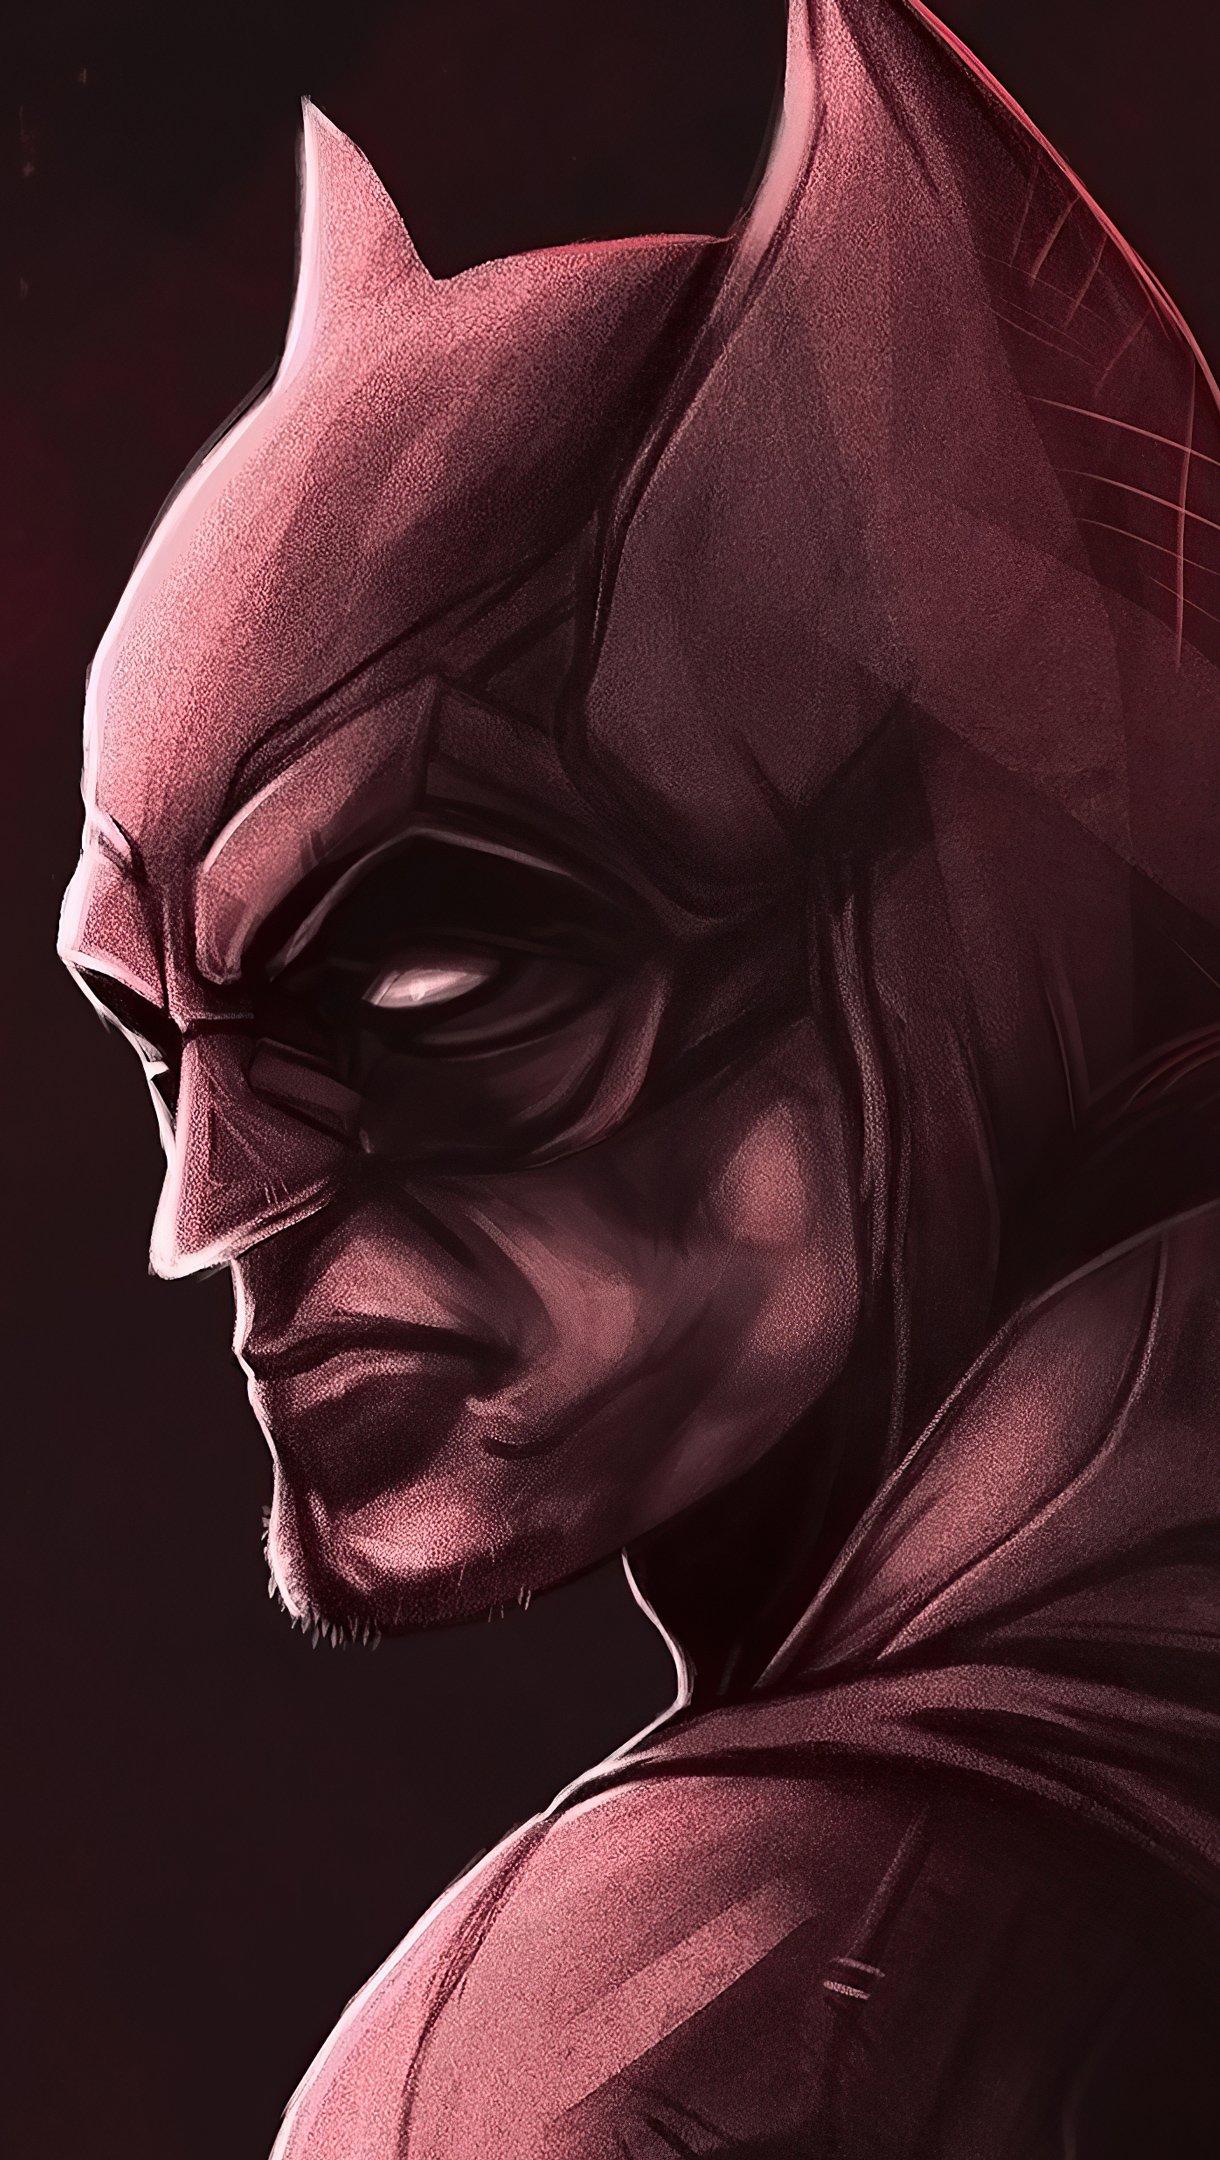 Wallpaper The Batman 2021 New Fanart Vertical